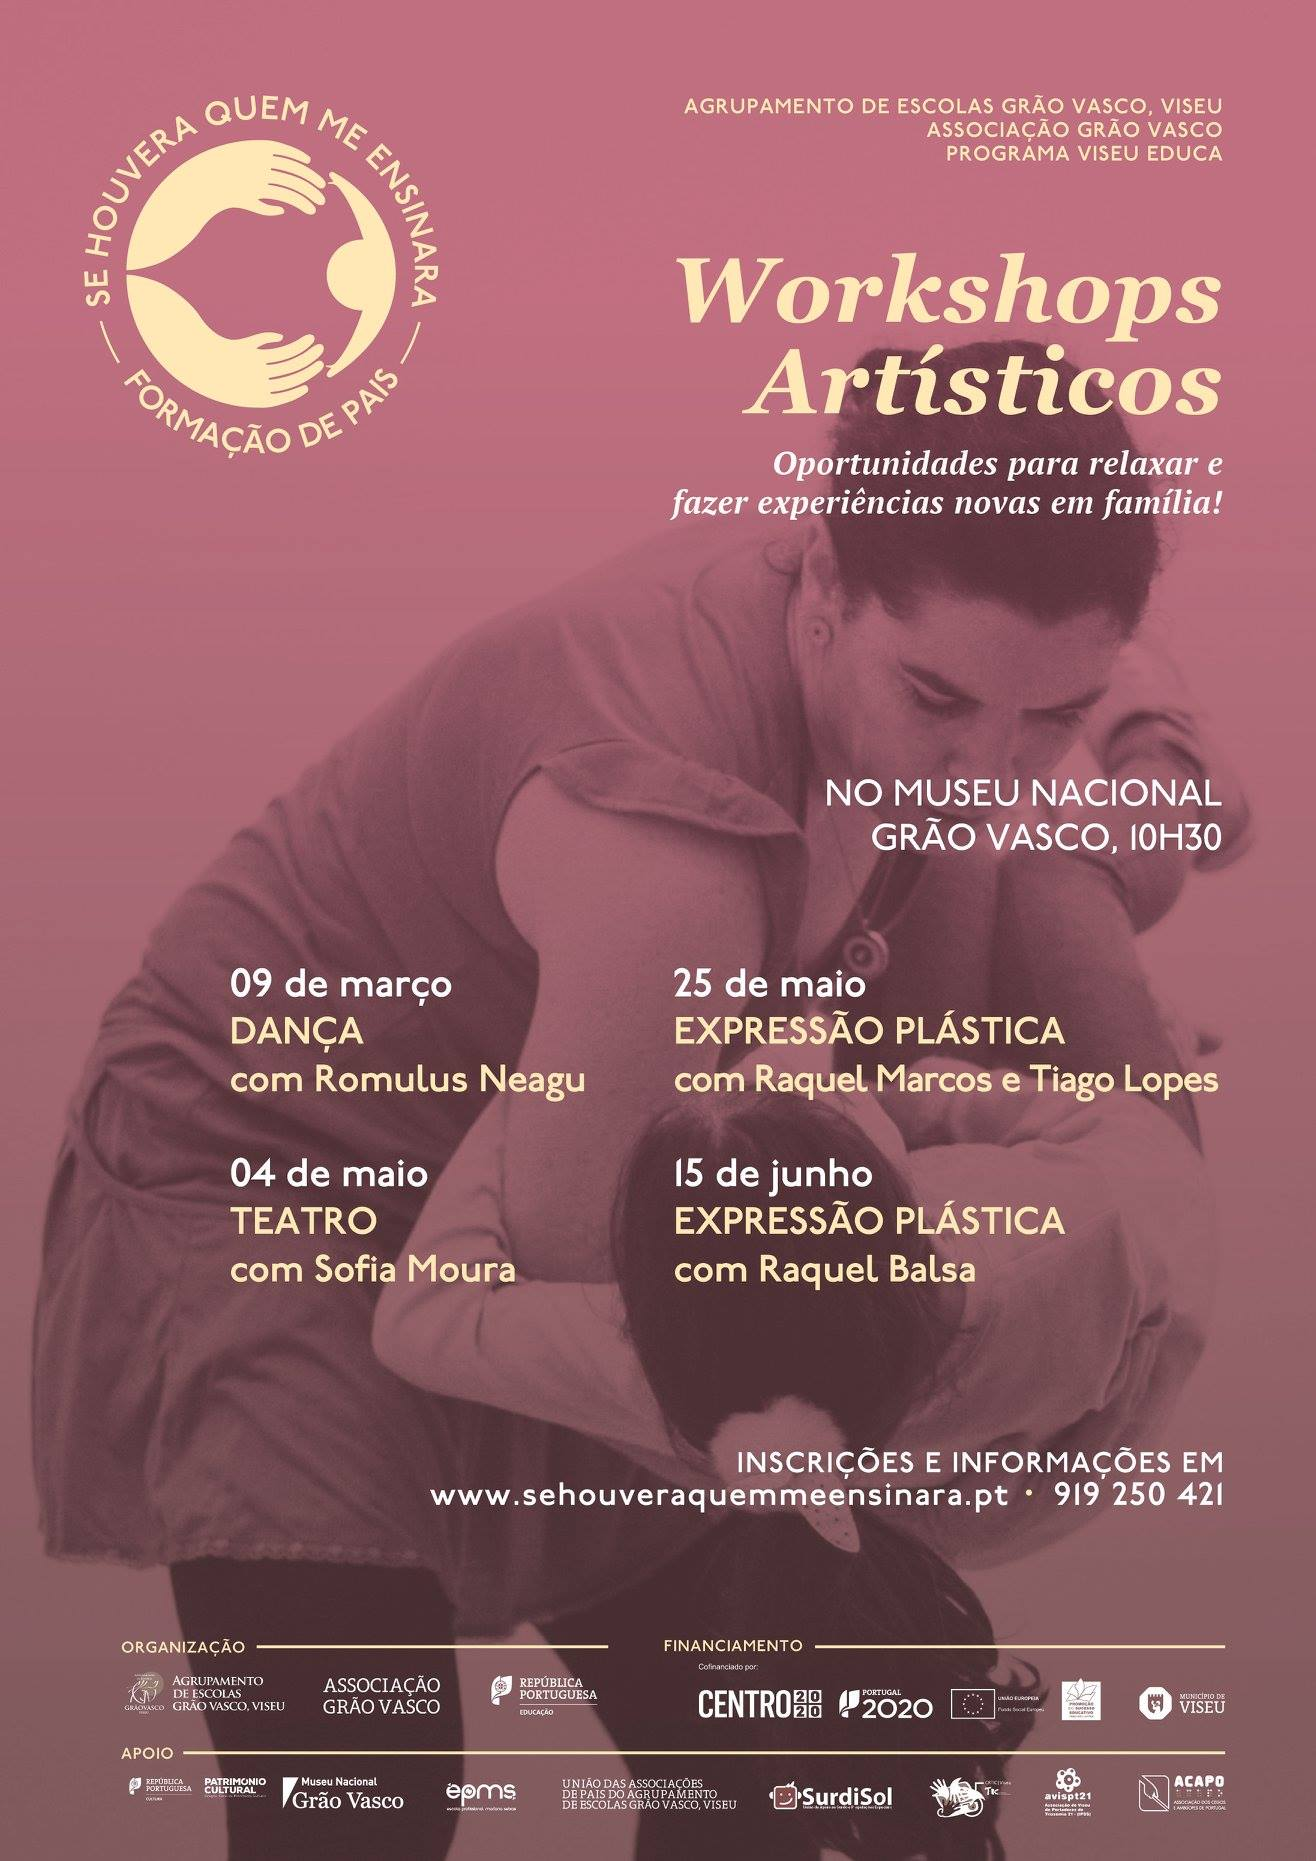 Workshop de teatro no Museu Nacional Grão Vasco